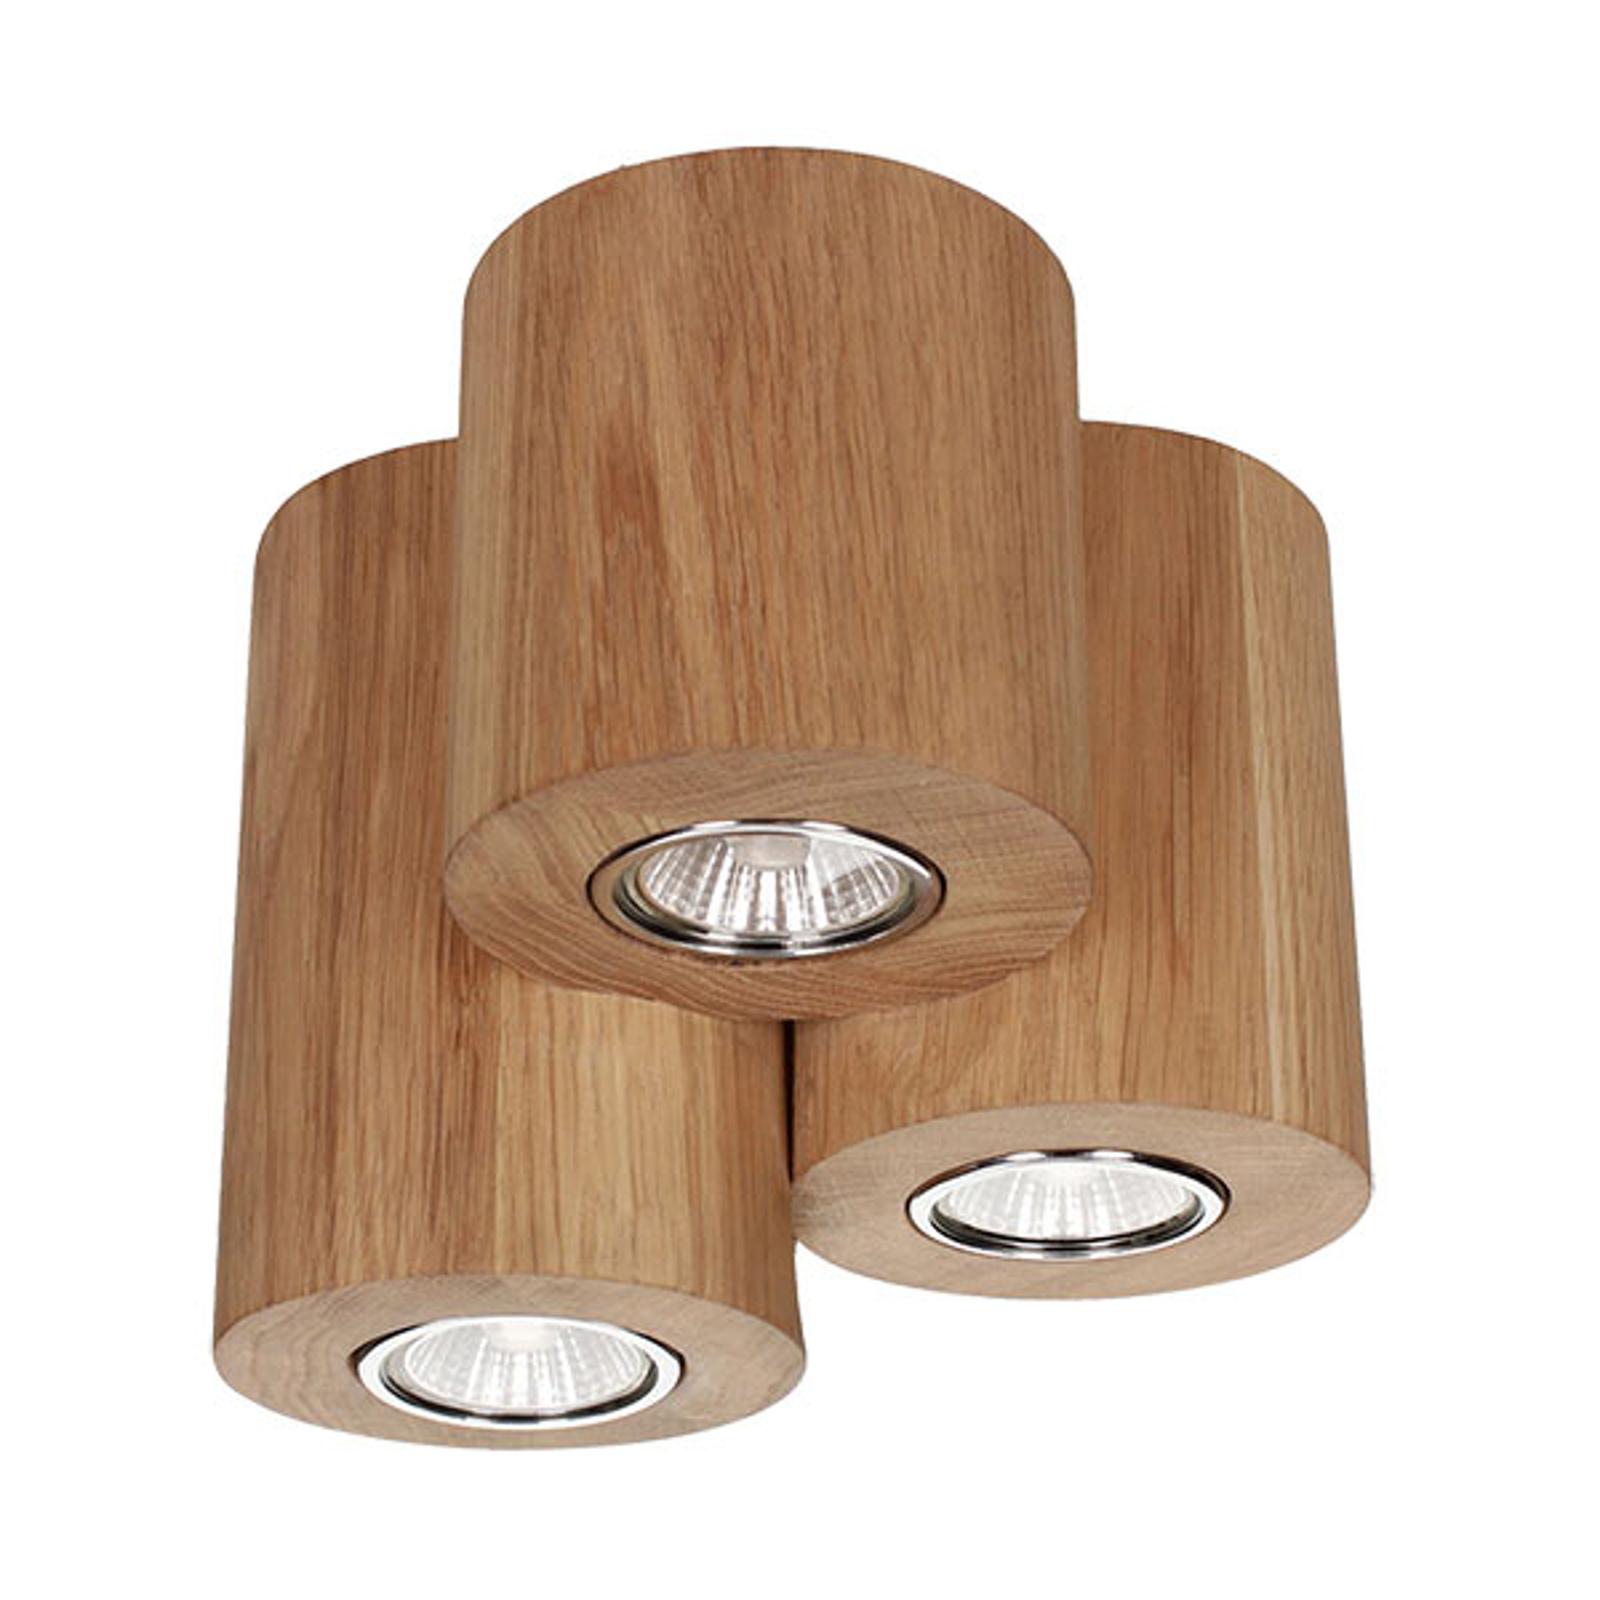 Deckenlampe Wooddream 3-flammig Eiche, rund